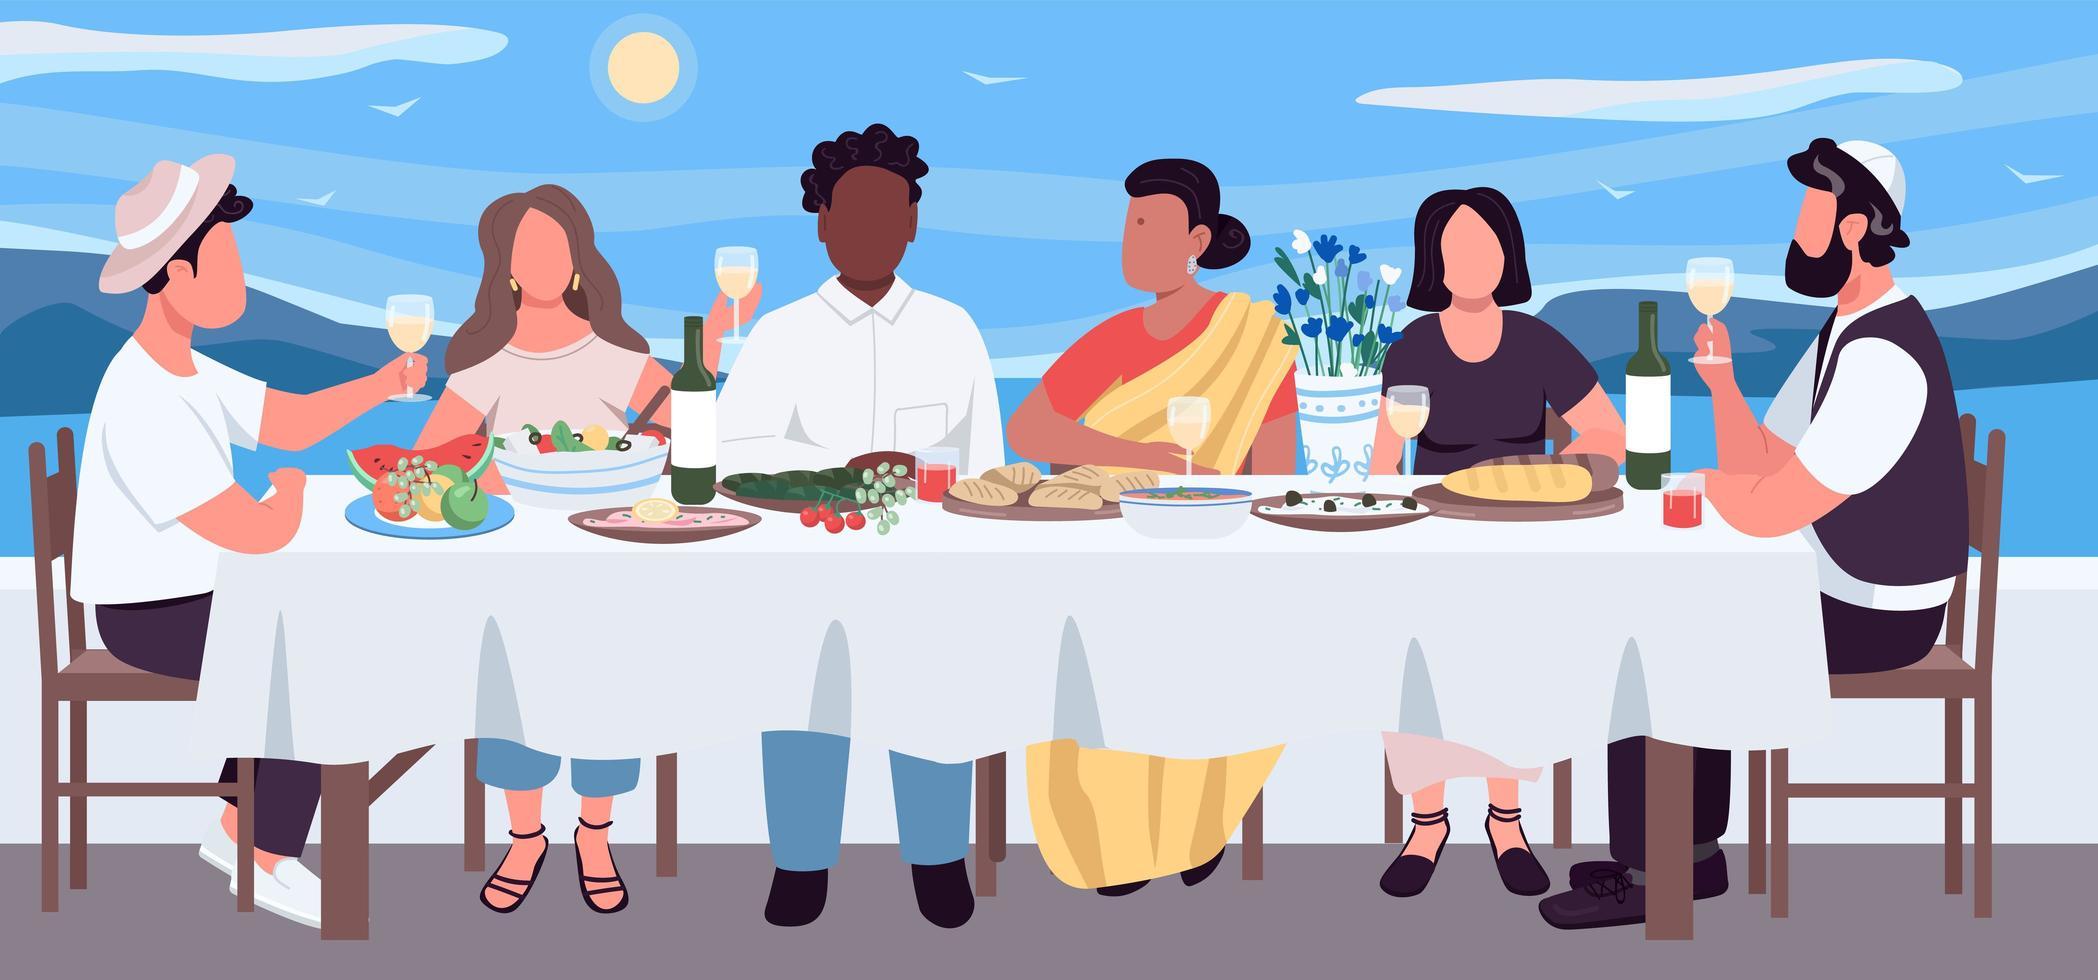 mångkulturell middag platt färg vektorillustration vektor